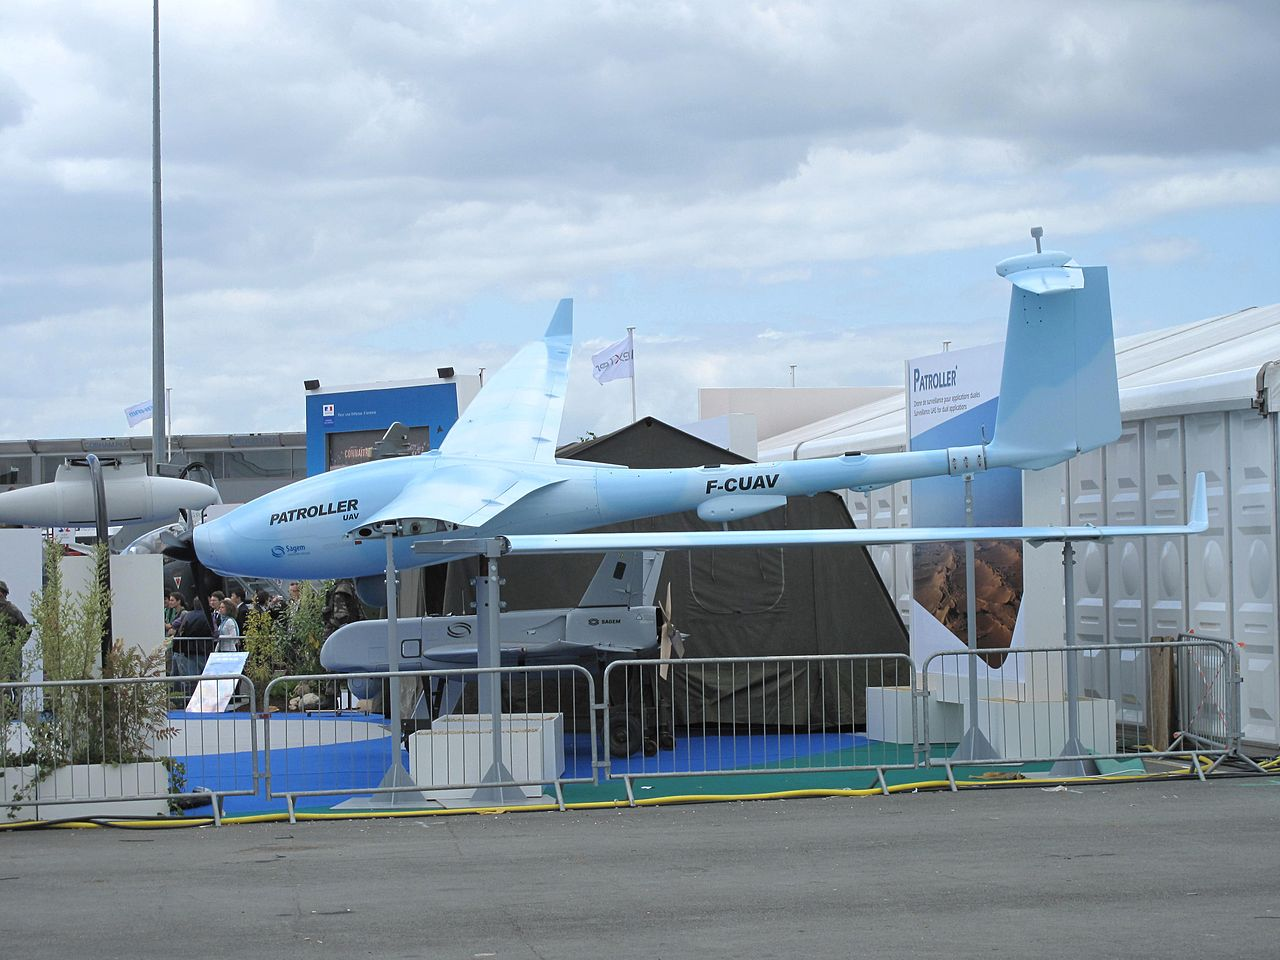 UCAV Sagem Patroller i w tle Sagem Sperwer (SDTI) , UCAV - Unmanned Combat Air Vehicle - w skrócie dron bojowy)